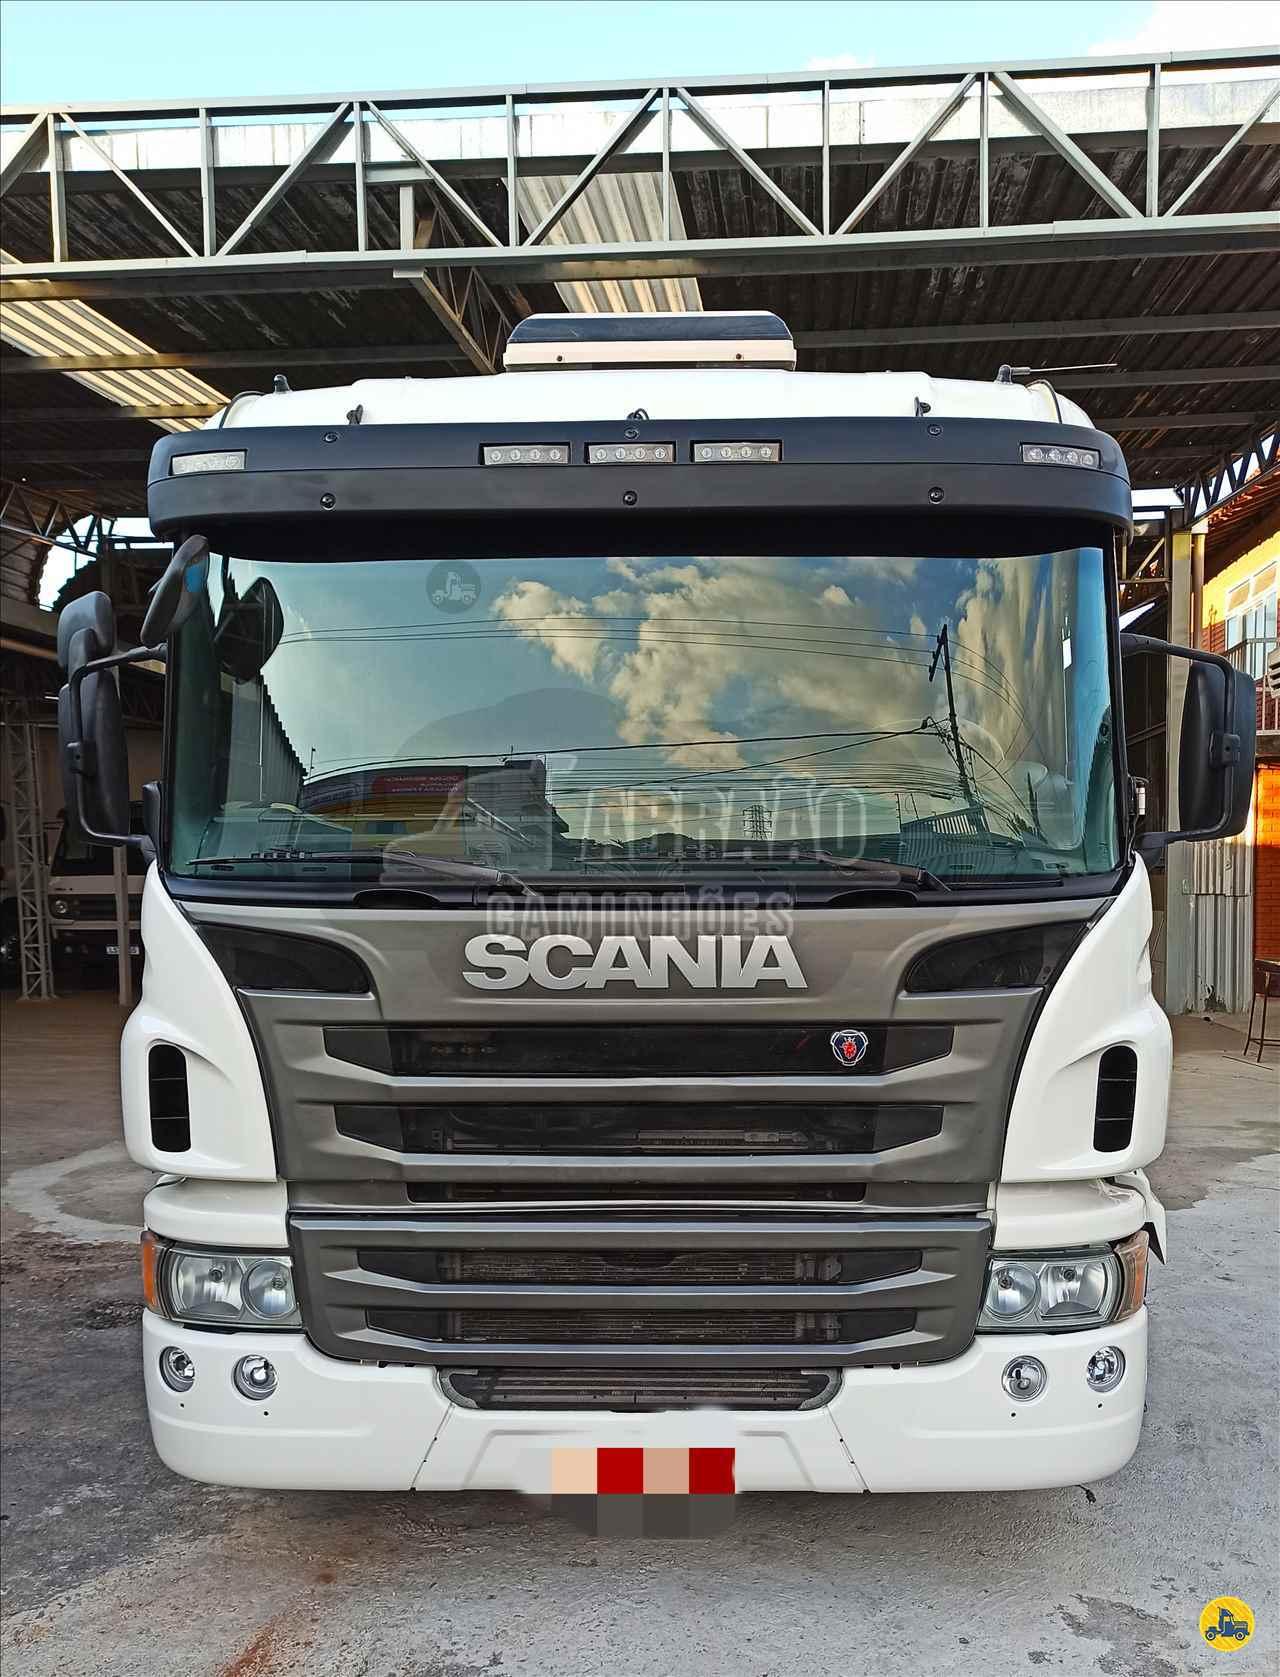 CAMINHAO SCANIA SCANIA P360 Cavalo Mecânico Truck 6x2 FSA Caminhões CONTAGEM MINAS GERAIS MG